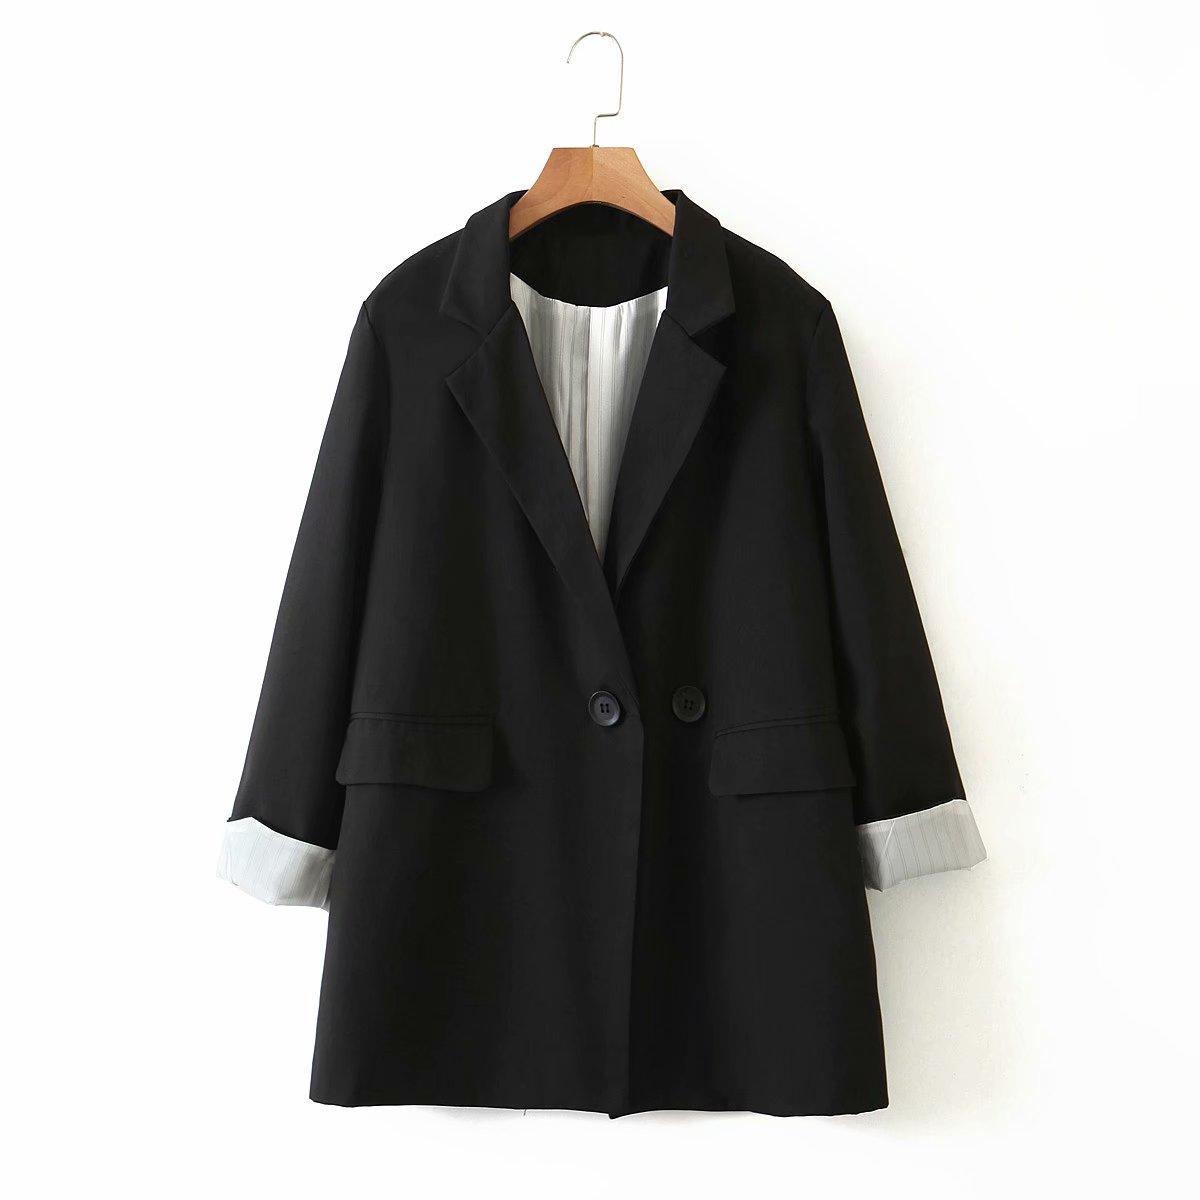 ZXQJ женский минималистичный черный блейзер с карманами 2021 осень модная женская элегантная свободная шикарная куртка женская толстая верхня...